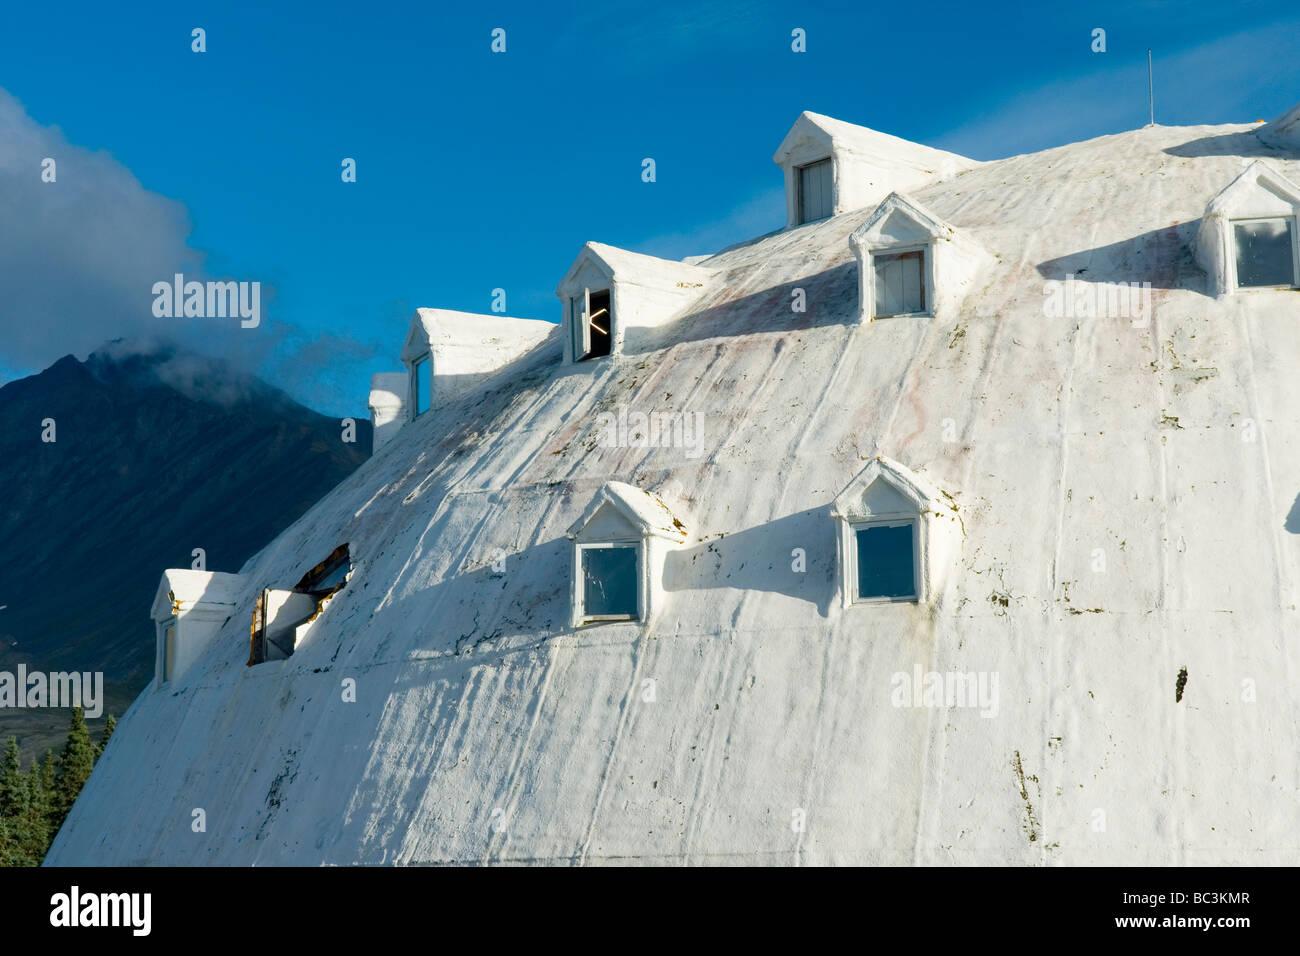 Villaggio igloo stazione Gas Alaska Immagini Stock